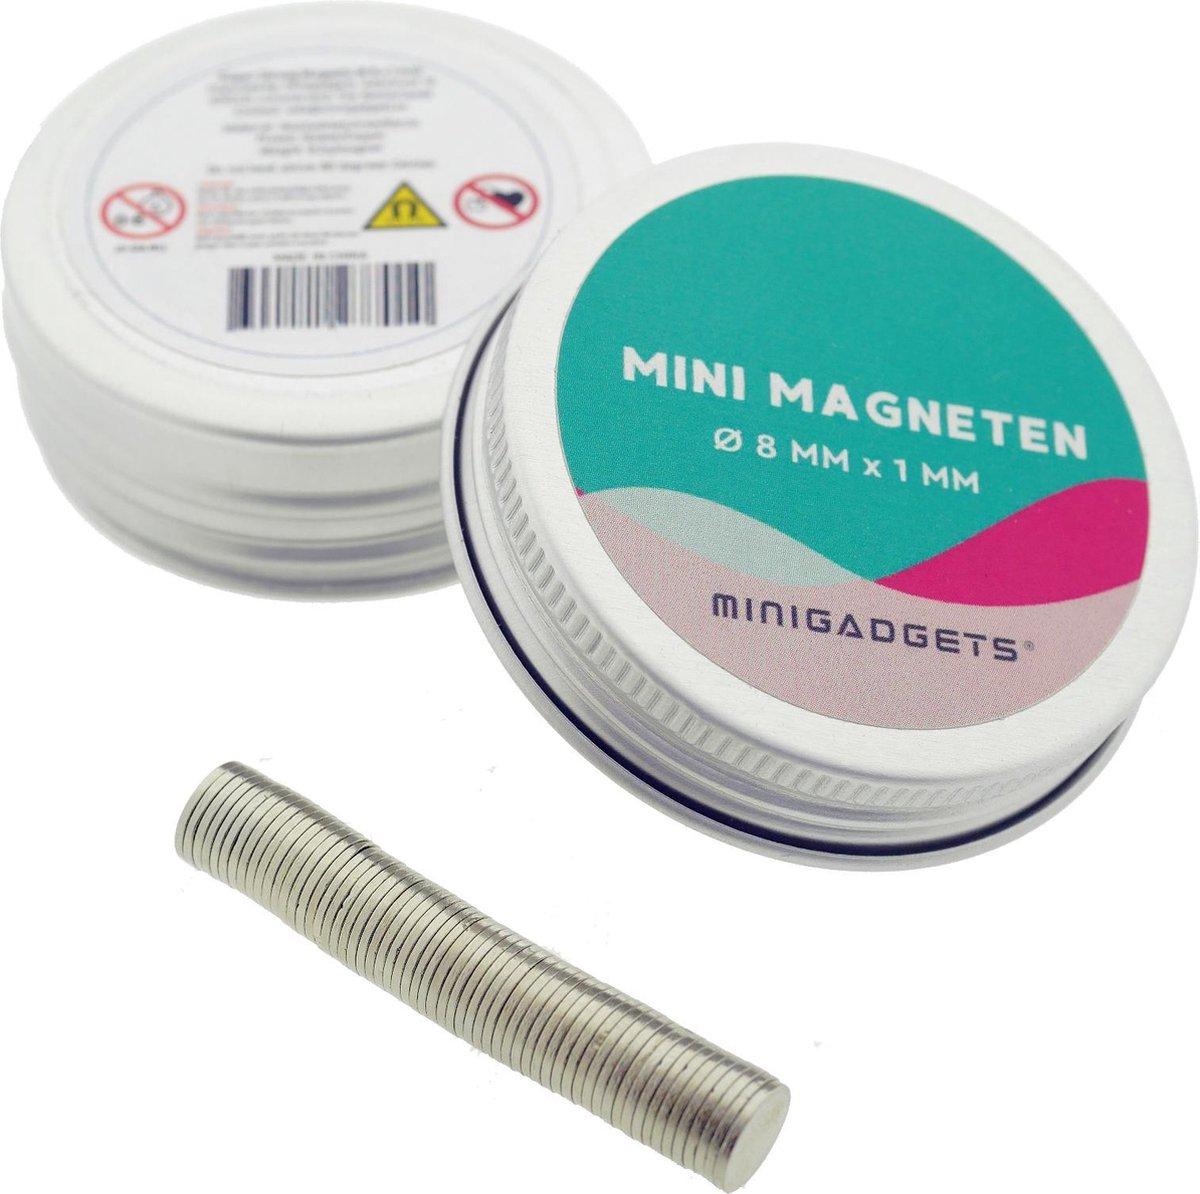 Verbazingwekkend bol.com | Super sterke magneten - 8 x 1 mm (25-stuks) DS-23